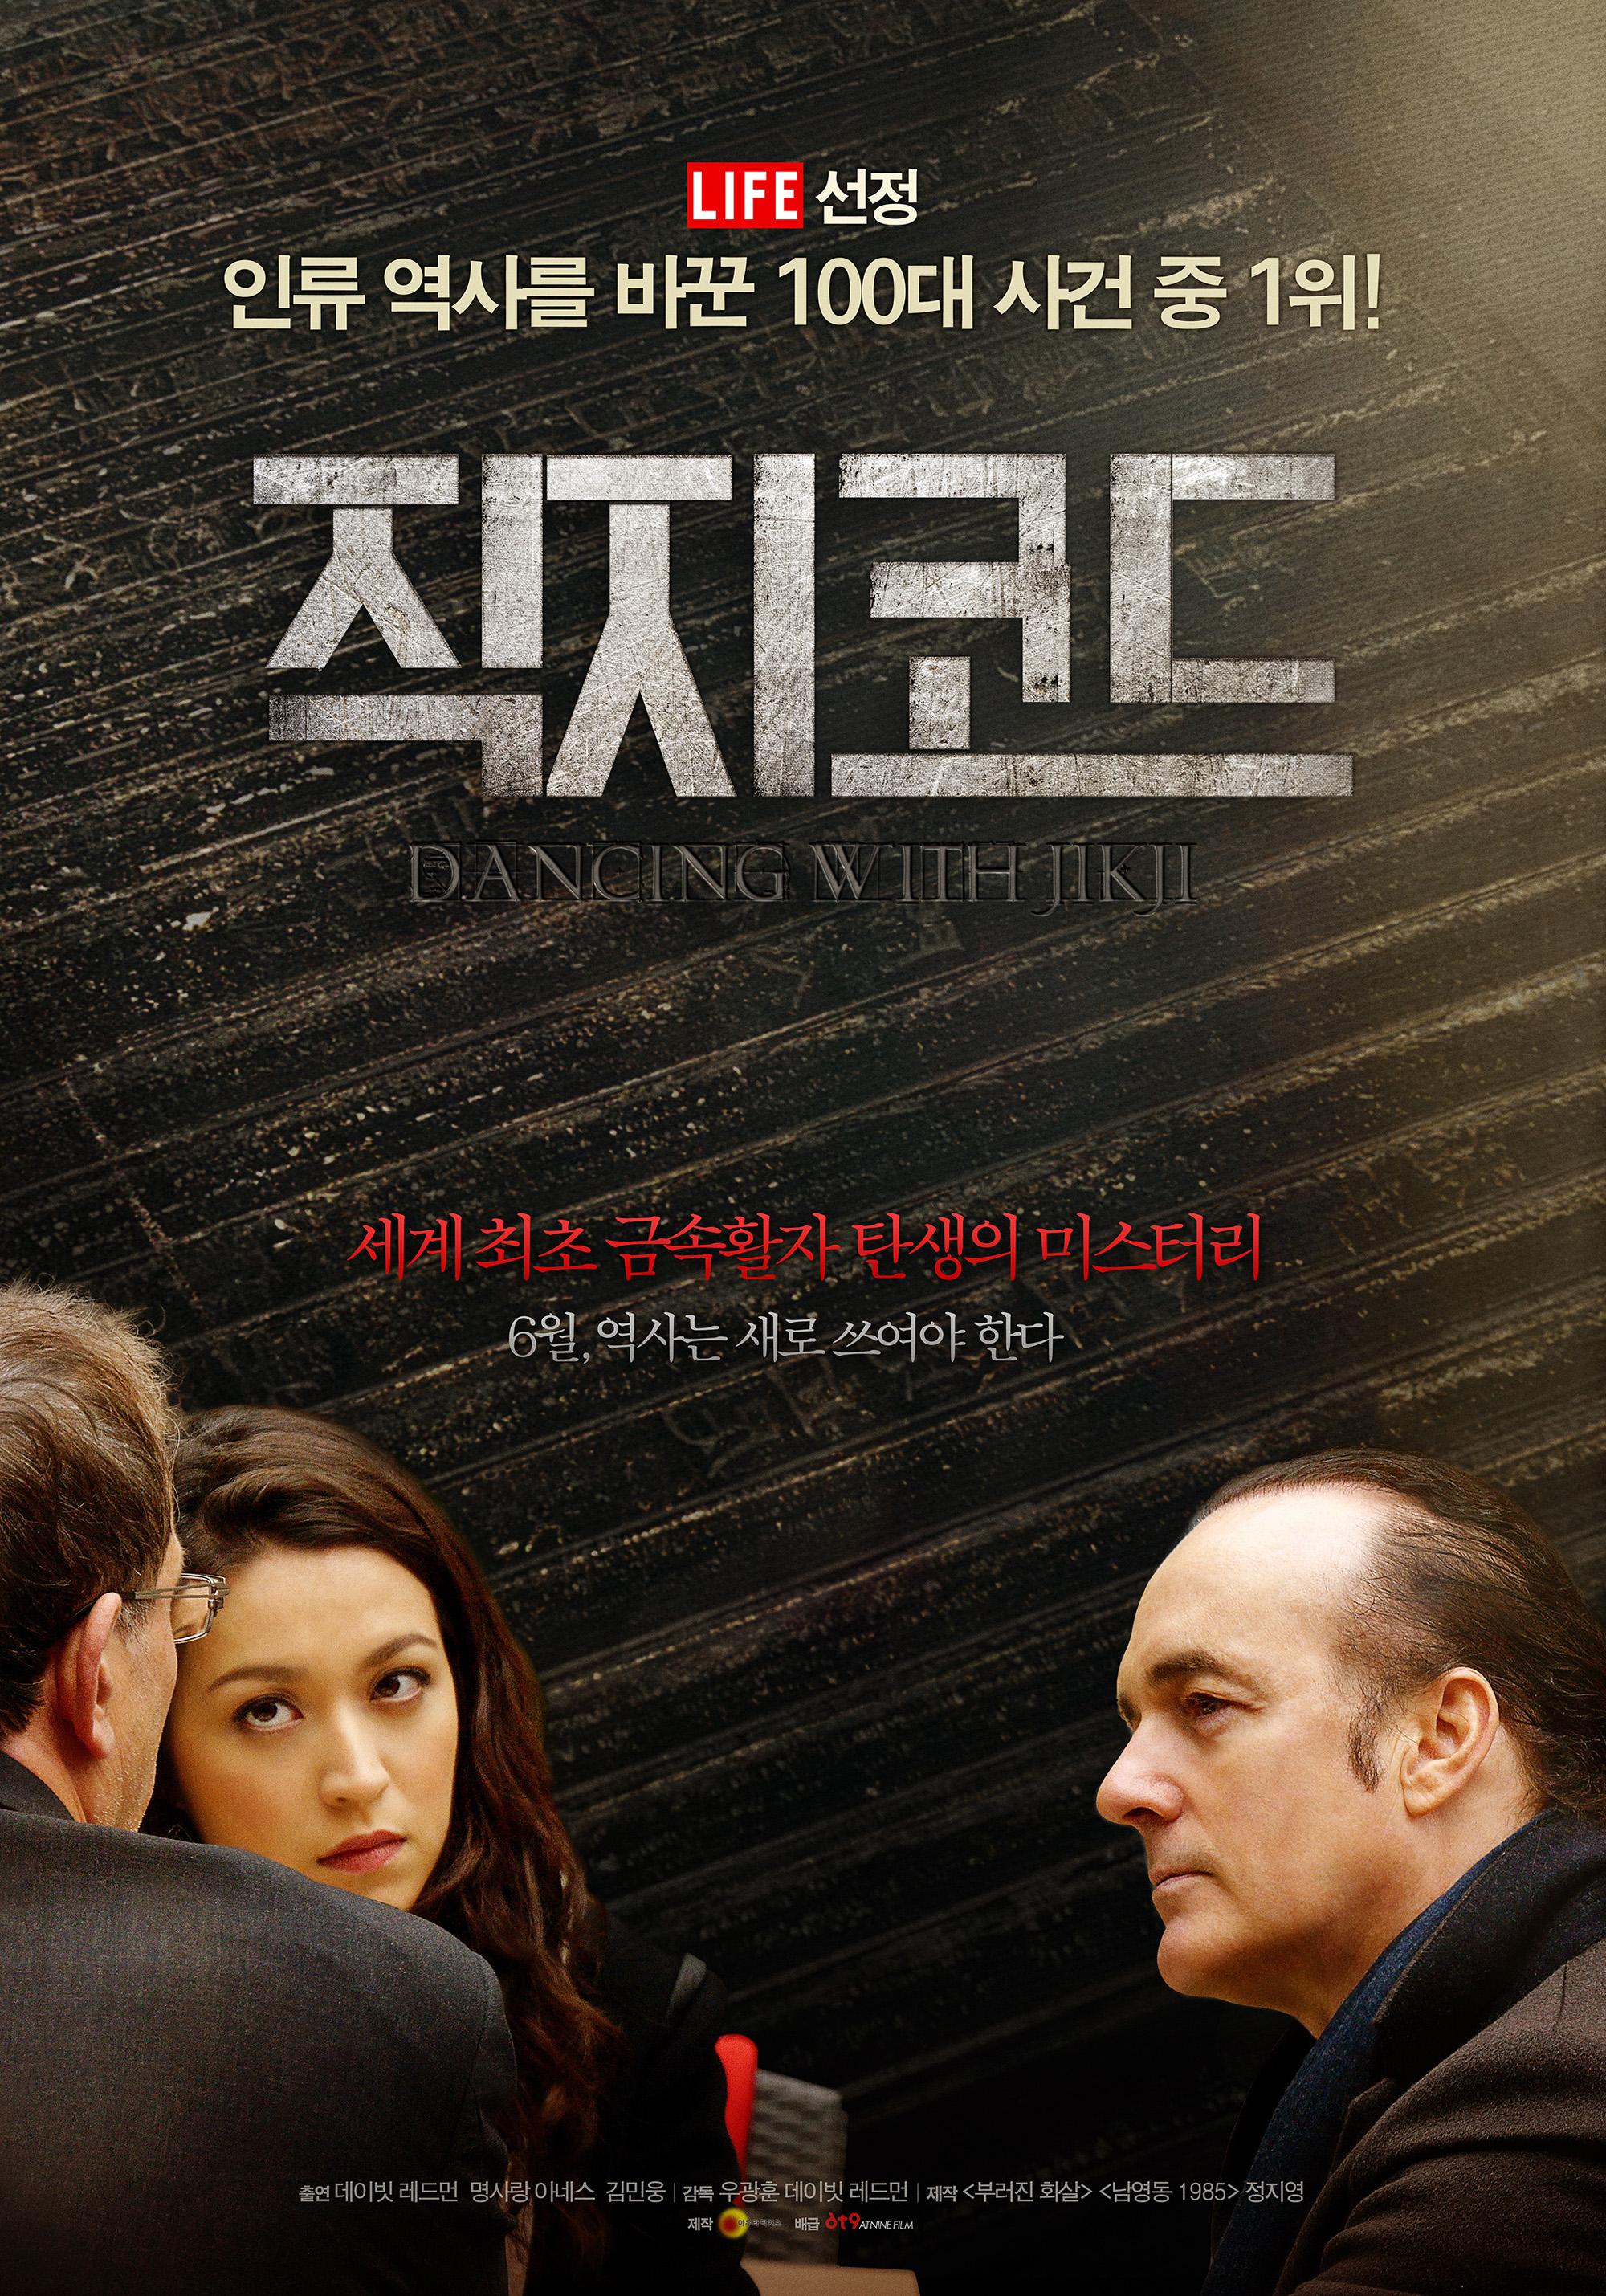 직지코드 (Dancing with Jikji, 2017)